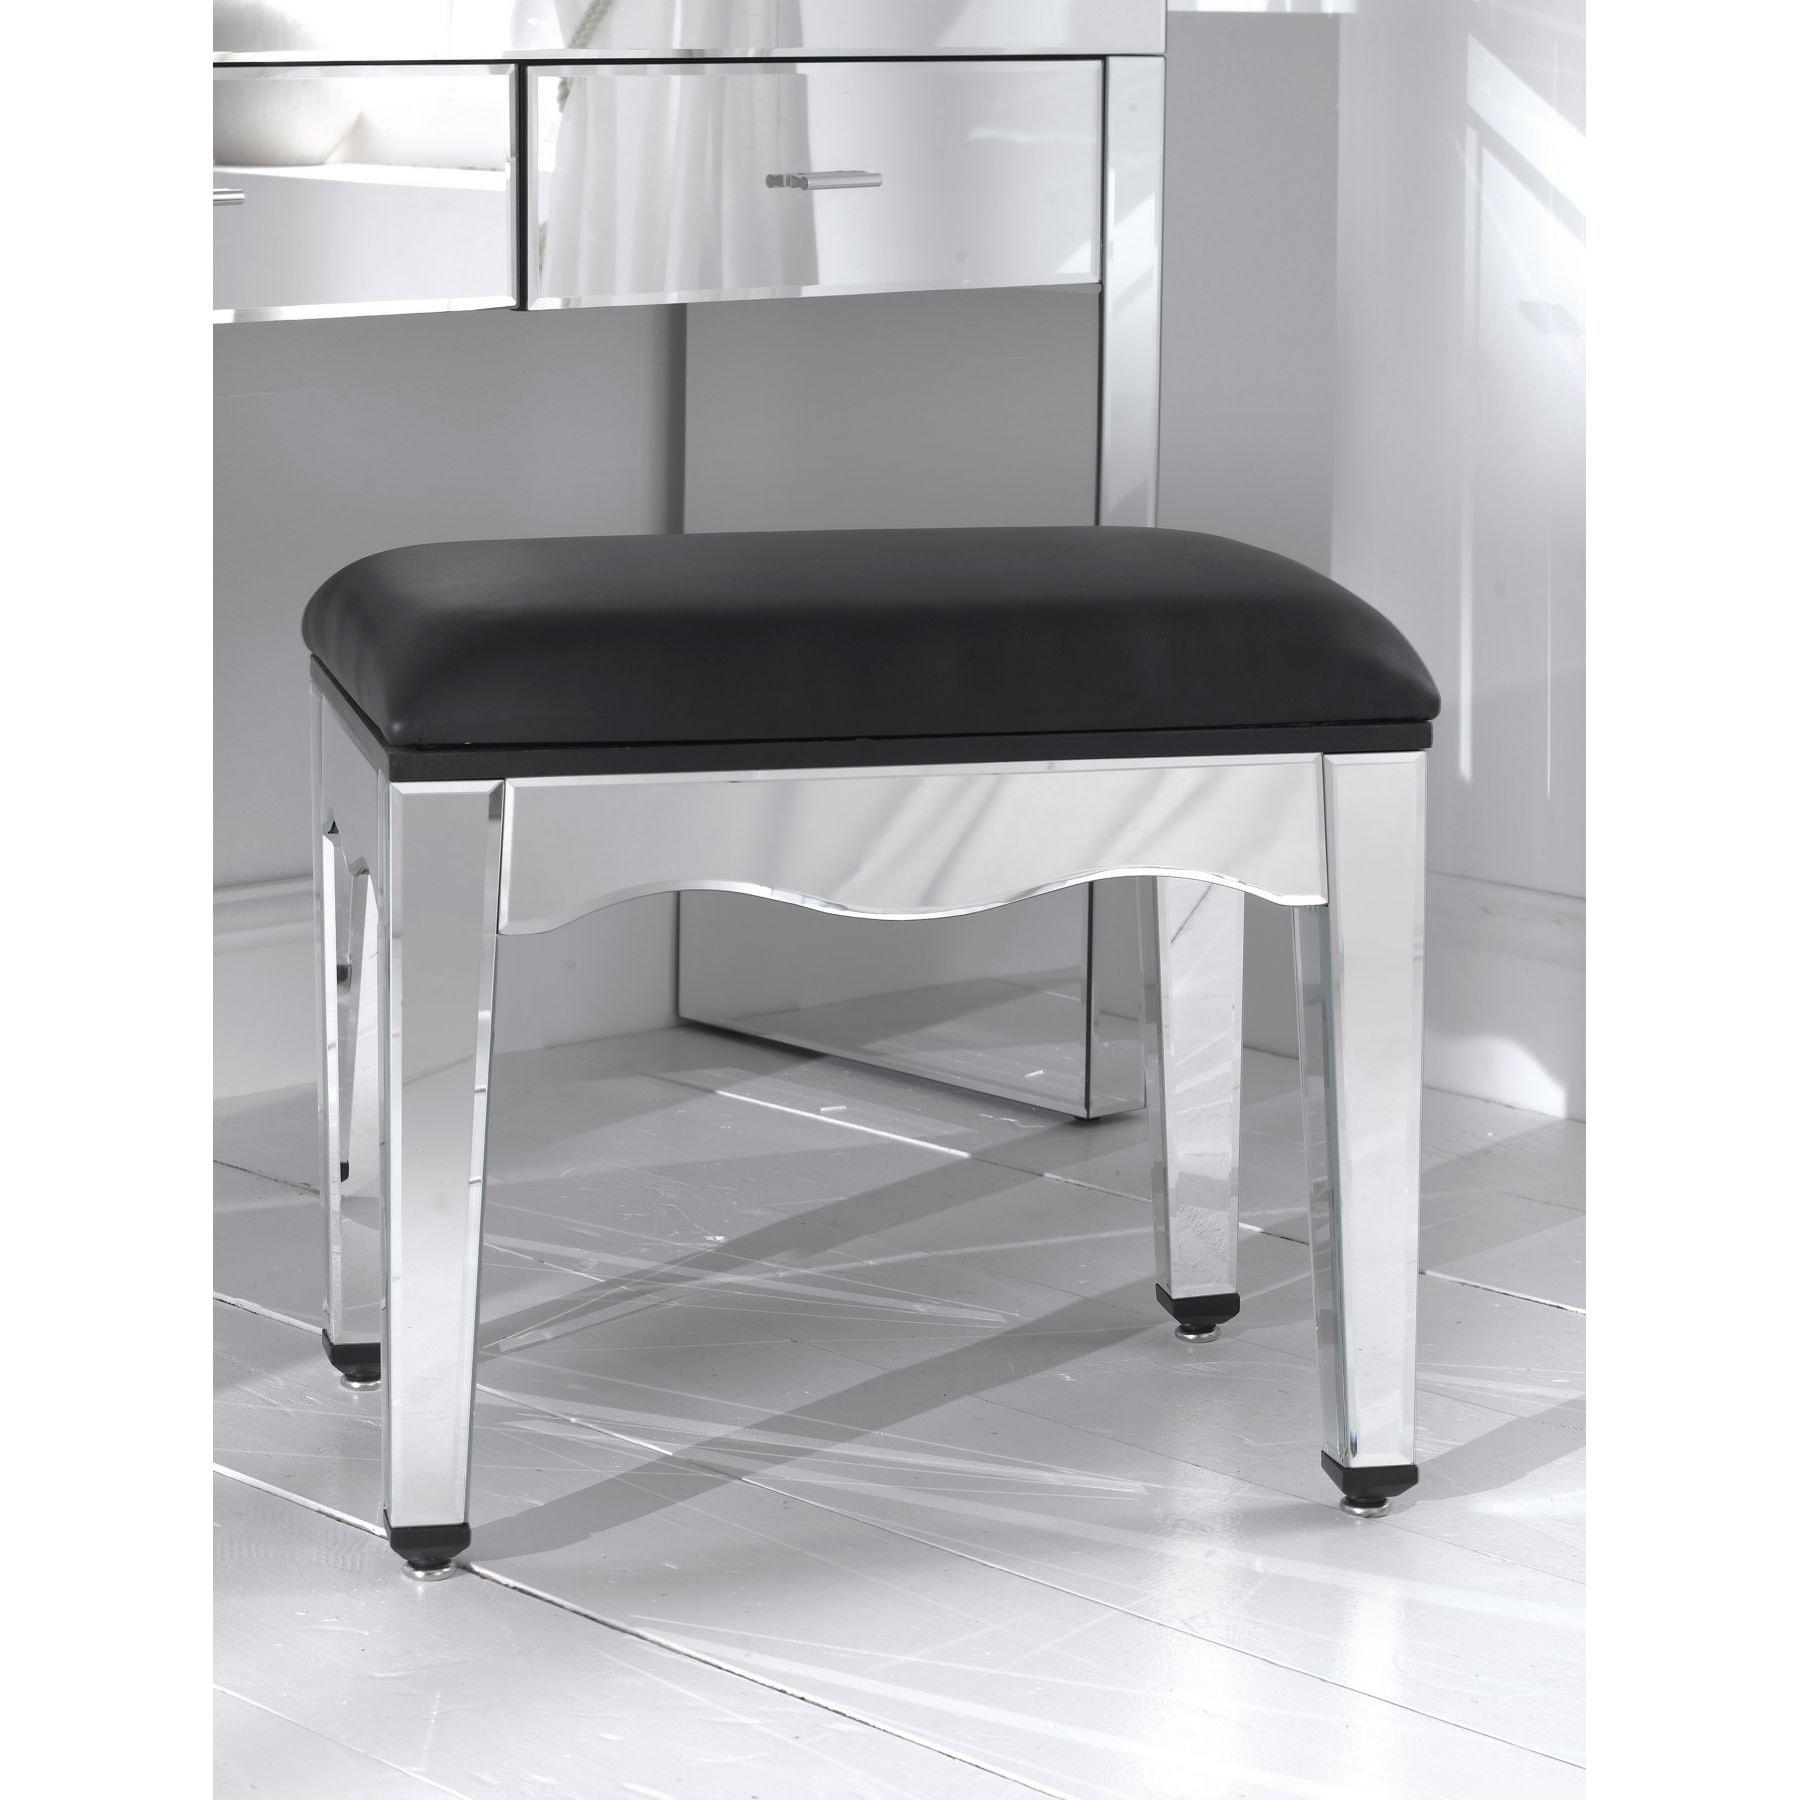 Romano Mirrored Console Table Set